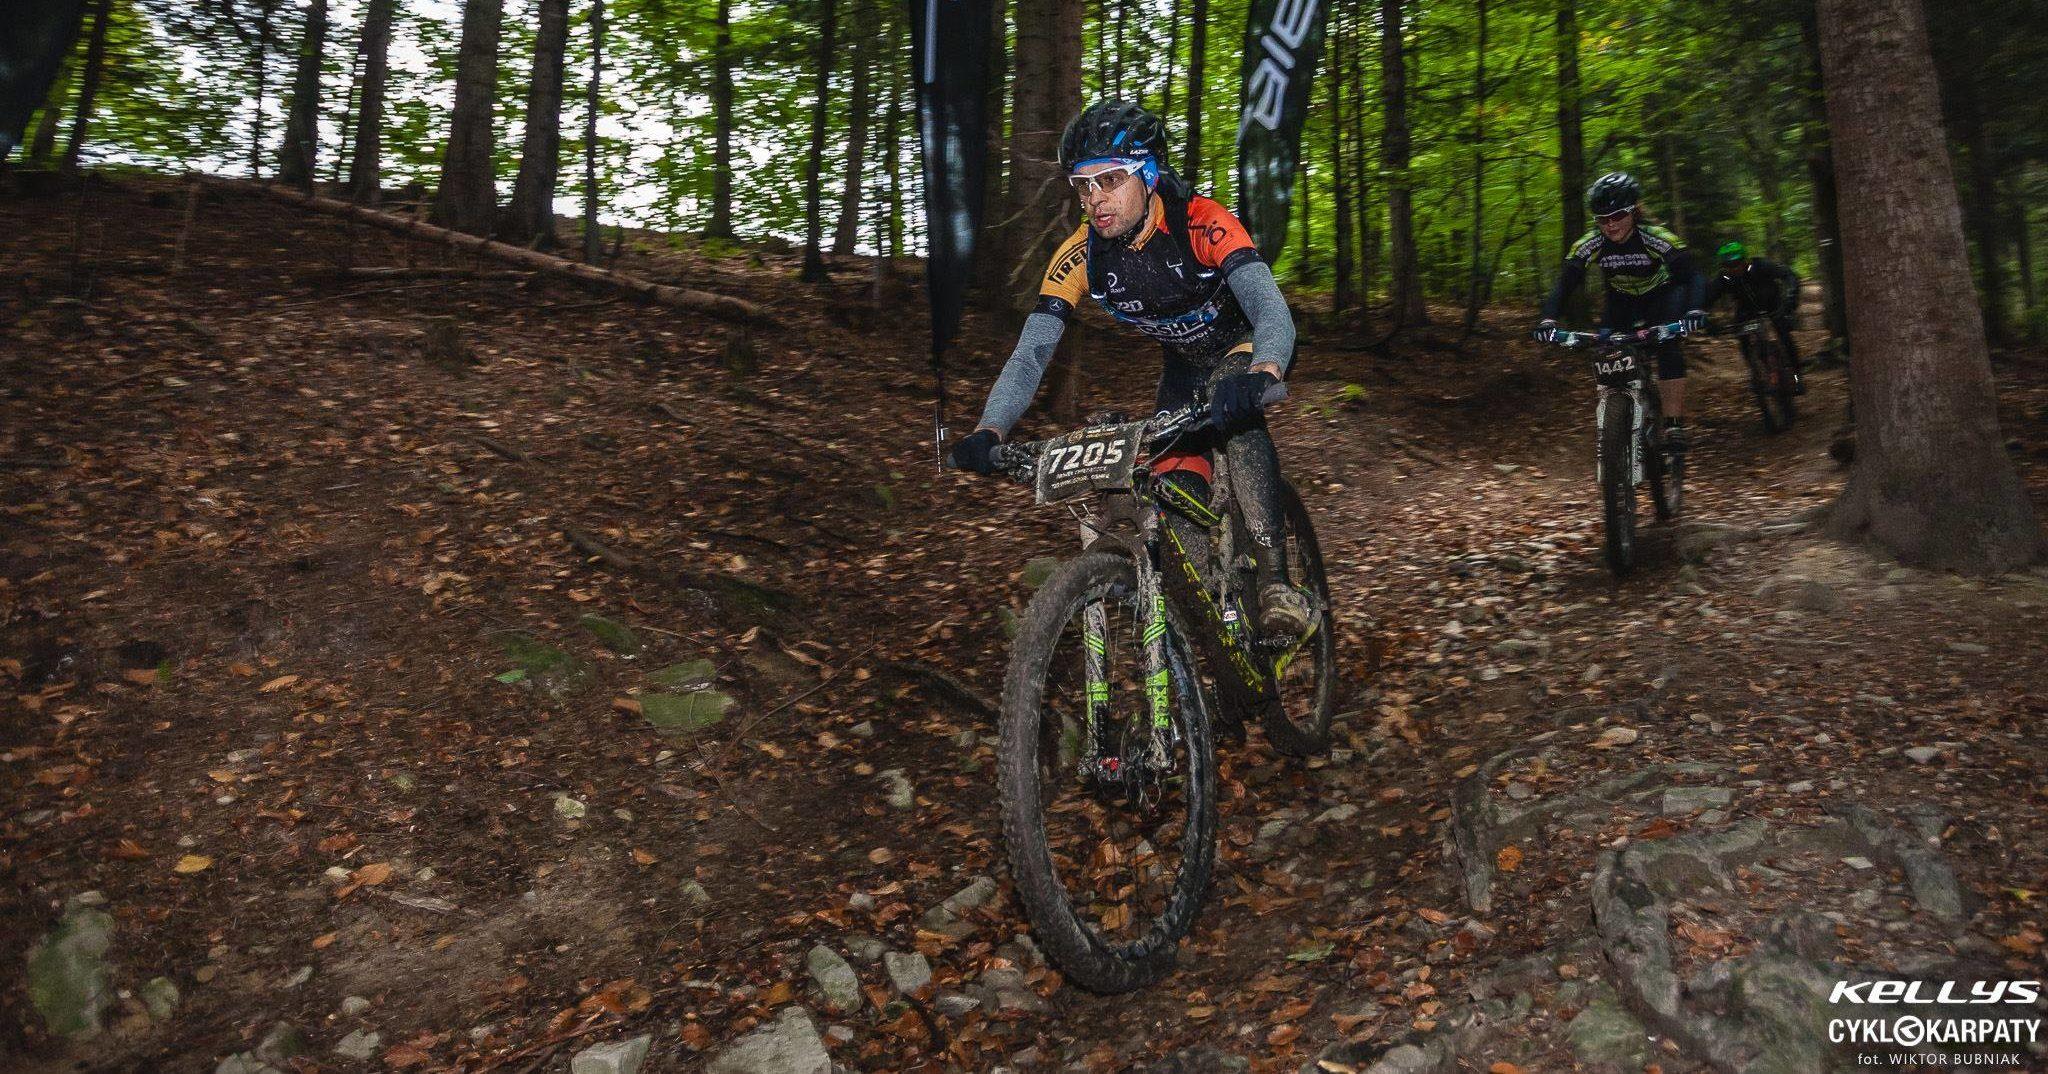 Paweł Chrząszcz (72D Windsport powered by Oshee) – Kellys Cyklokarpaty, Rzyki